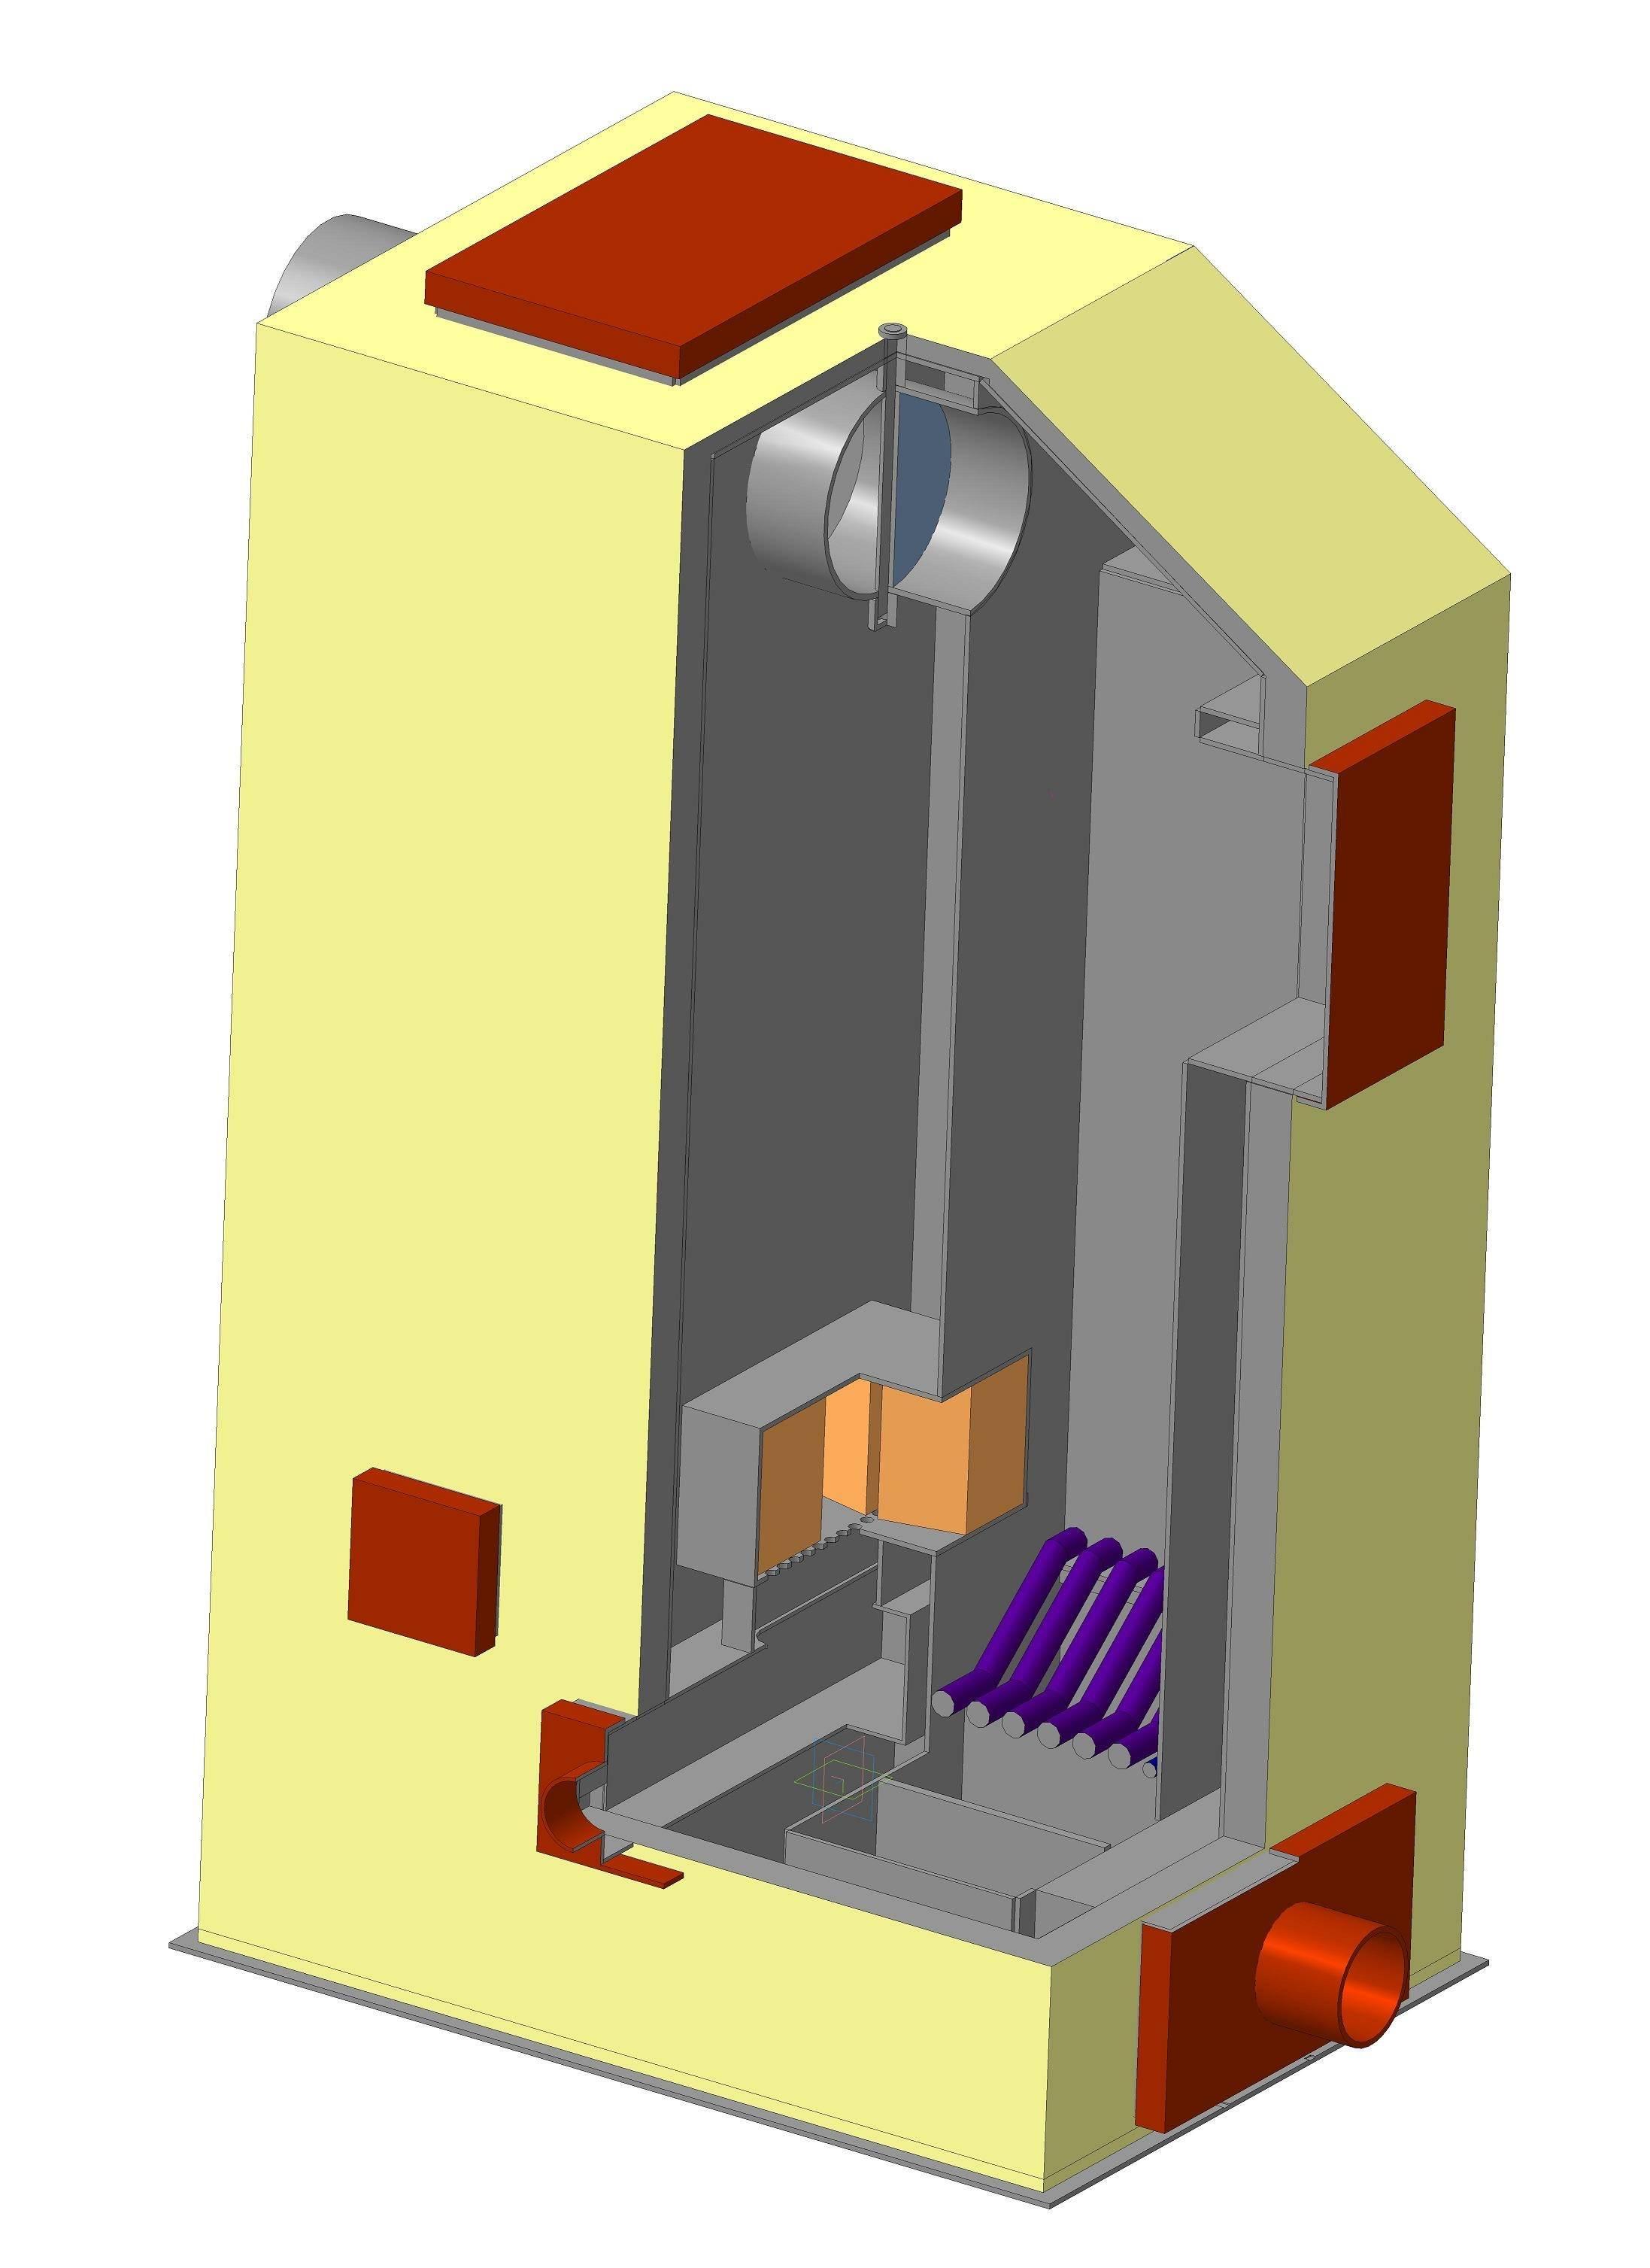 Устройство твердотопливного котла: как устроен и работает классический котёл, длительного горения, пиролизный и на пеллетах.